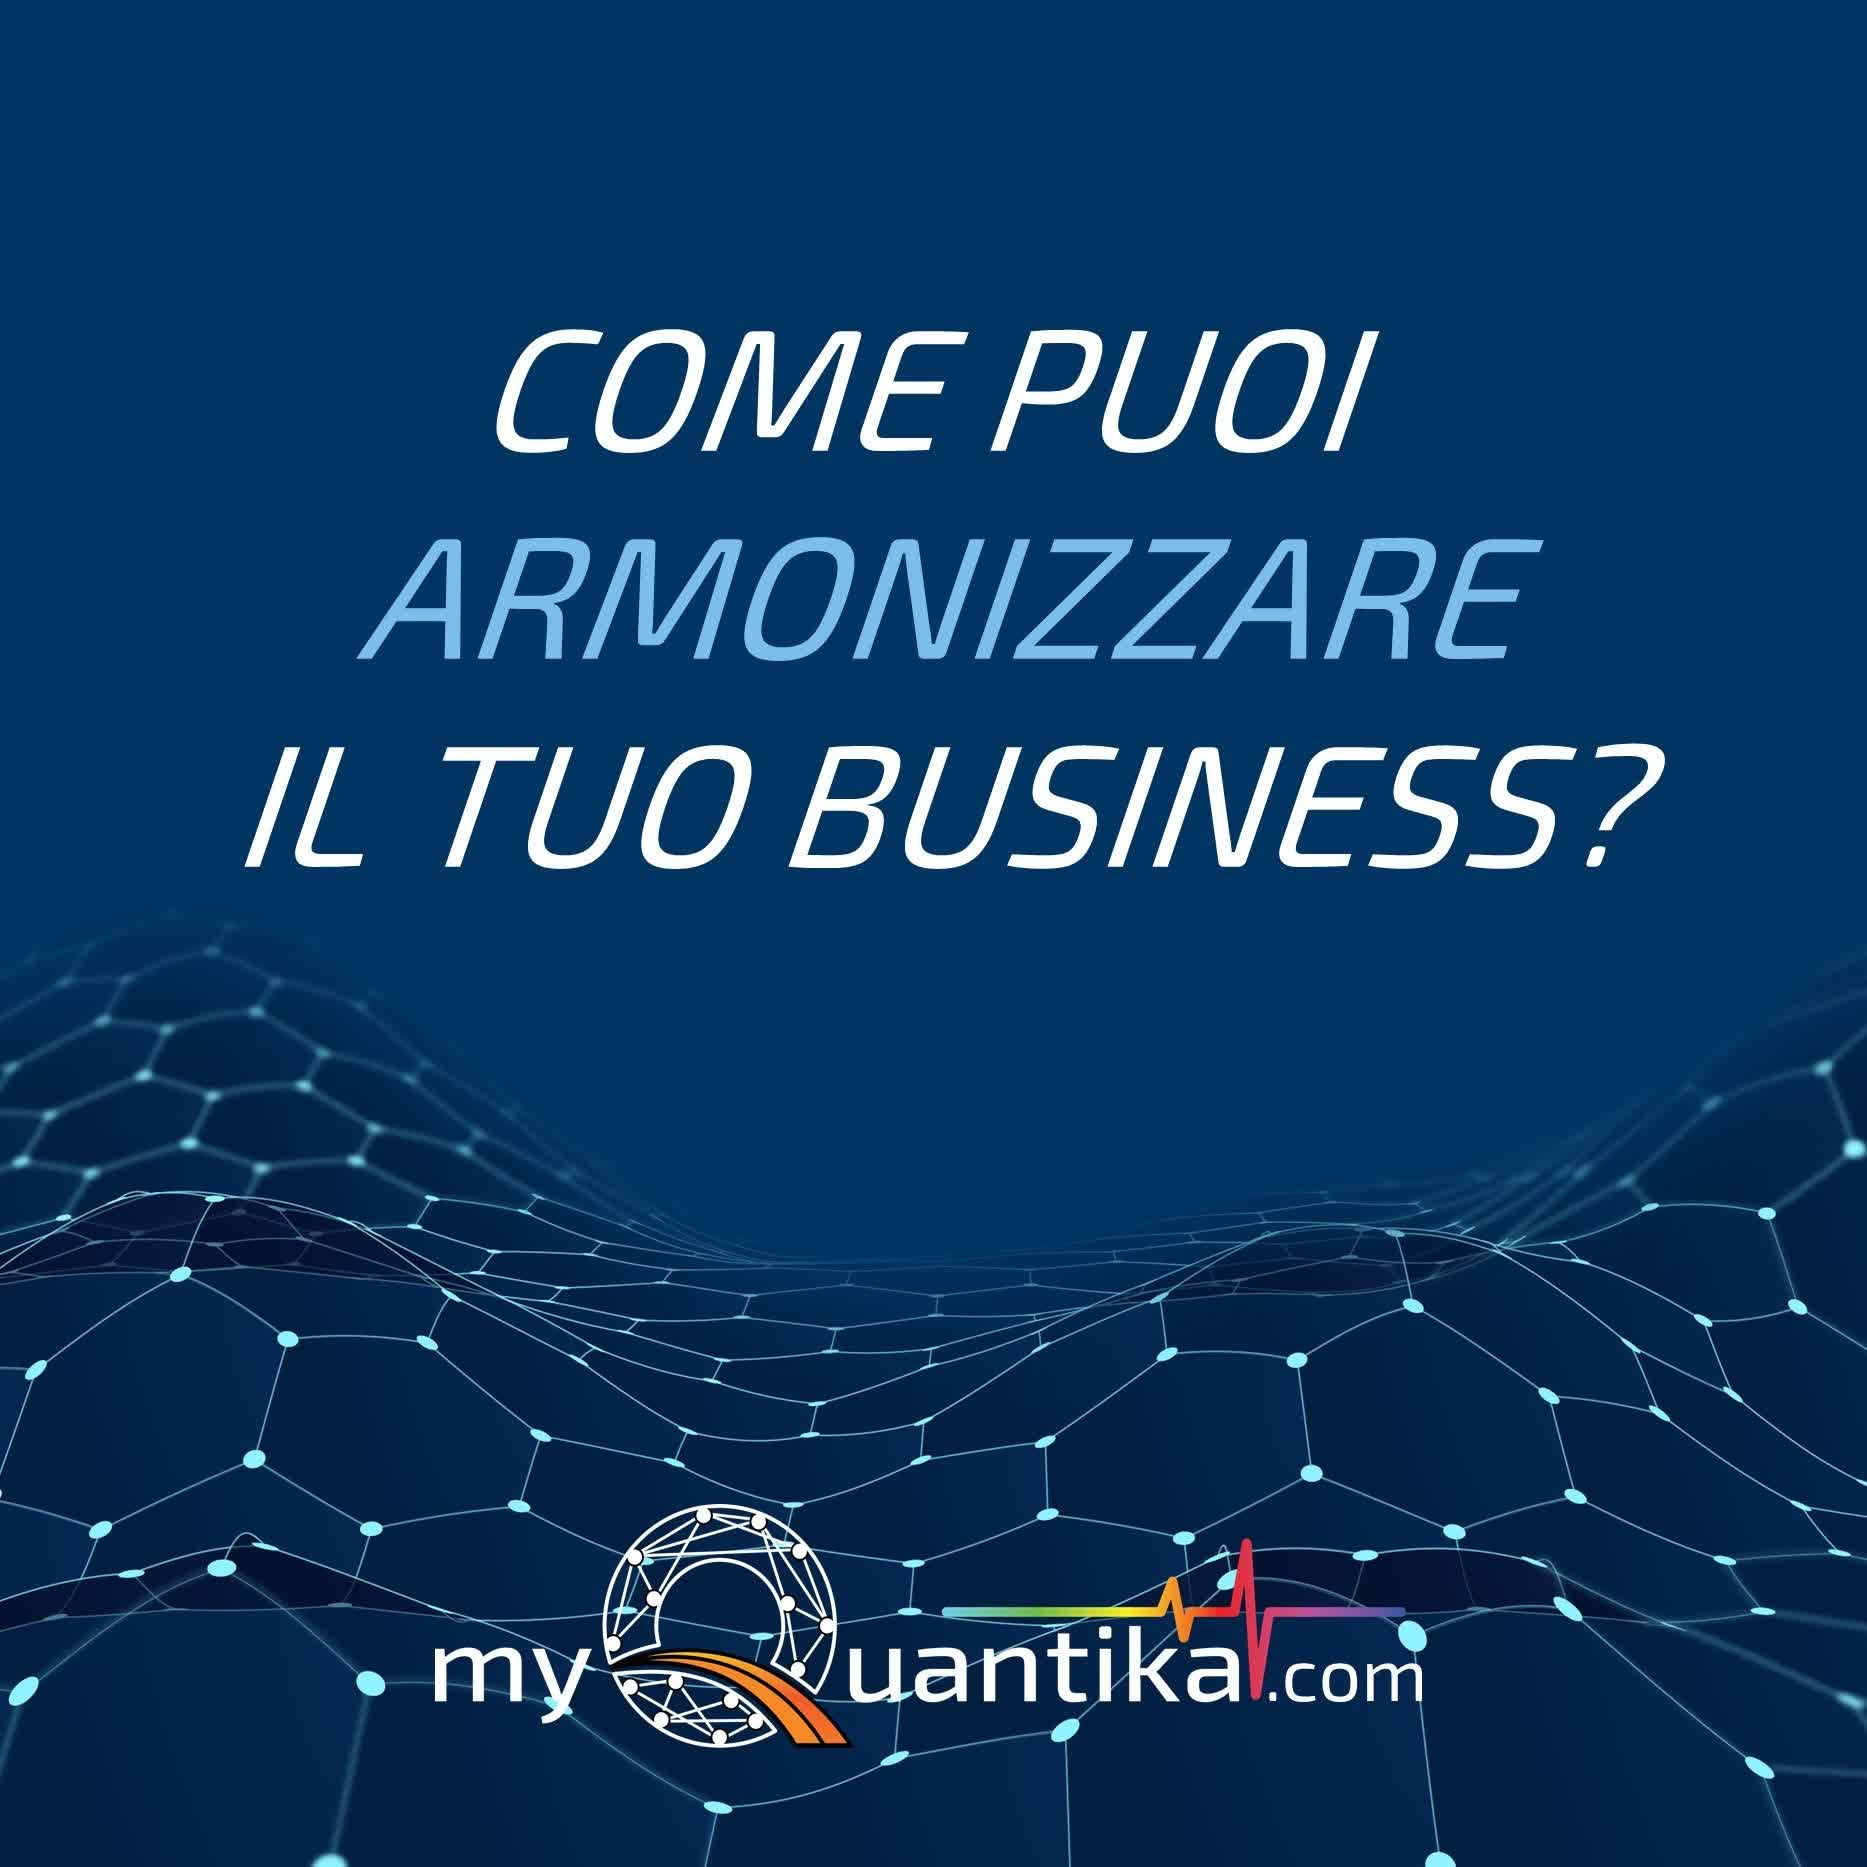 💼 Come puoi armonizzare il tuo business, attività o professione?